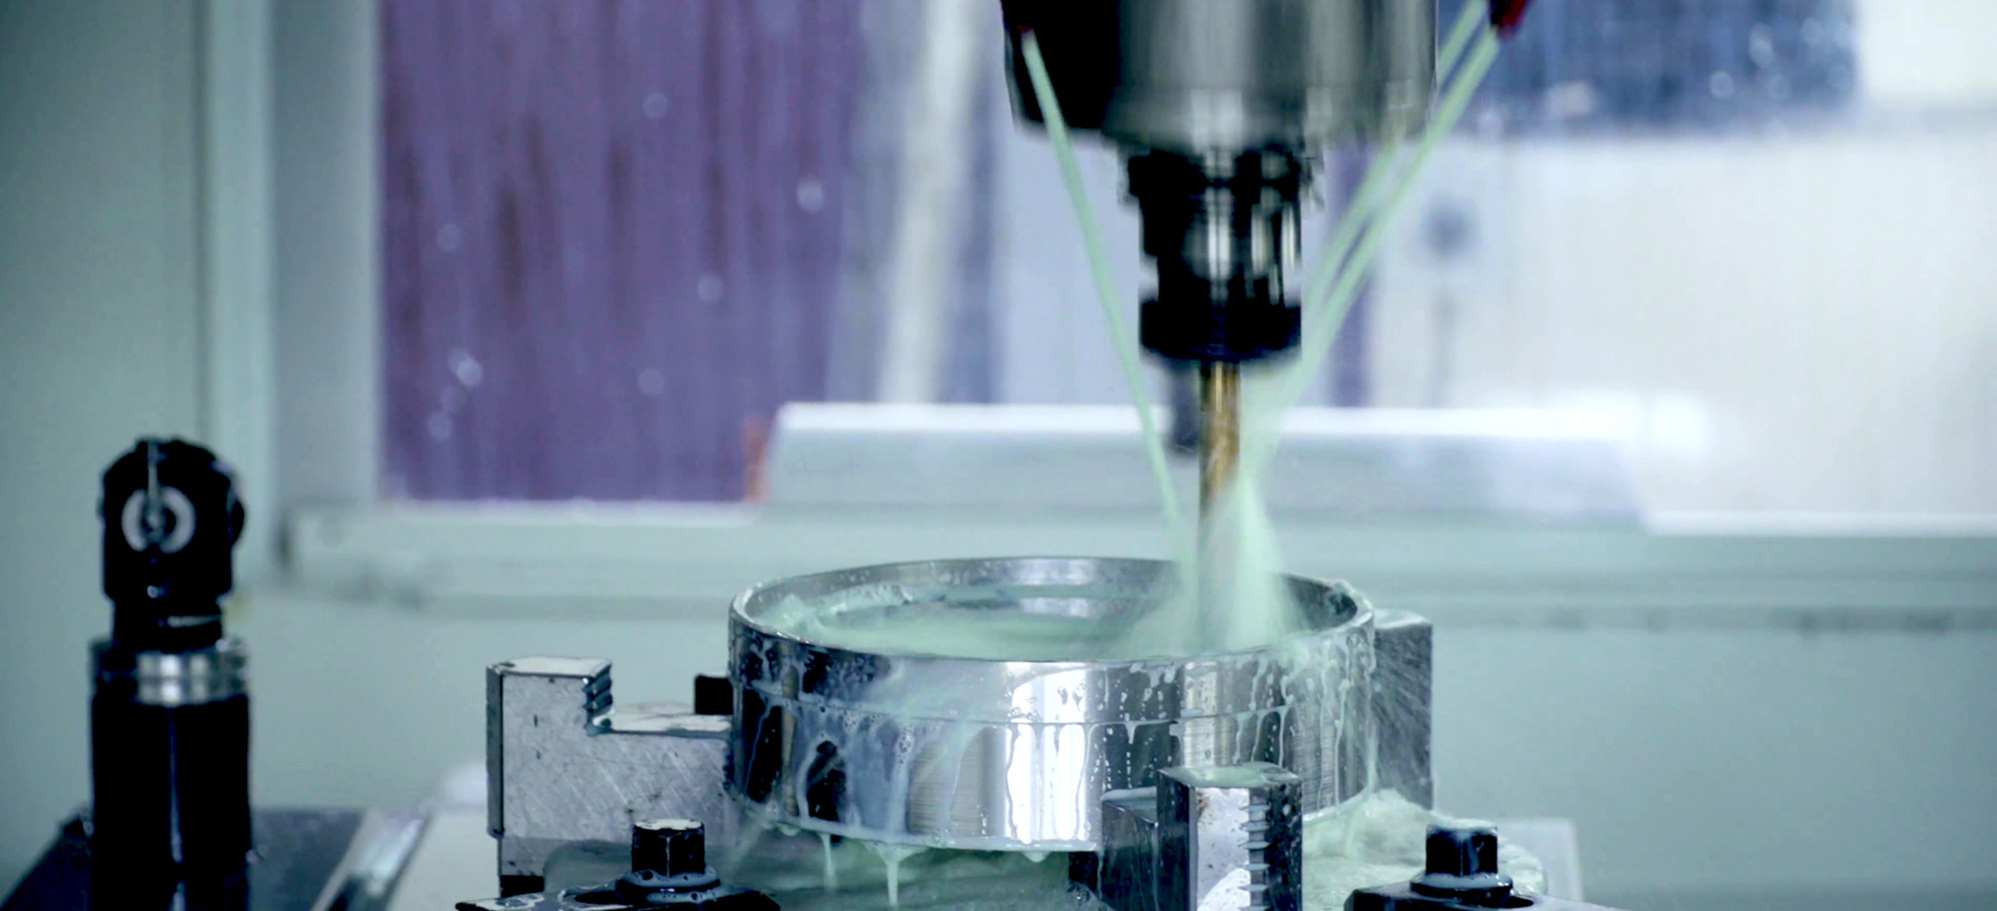 milling machines at cubitek